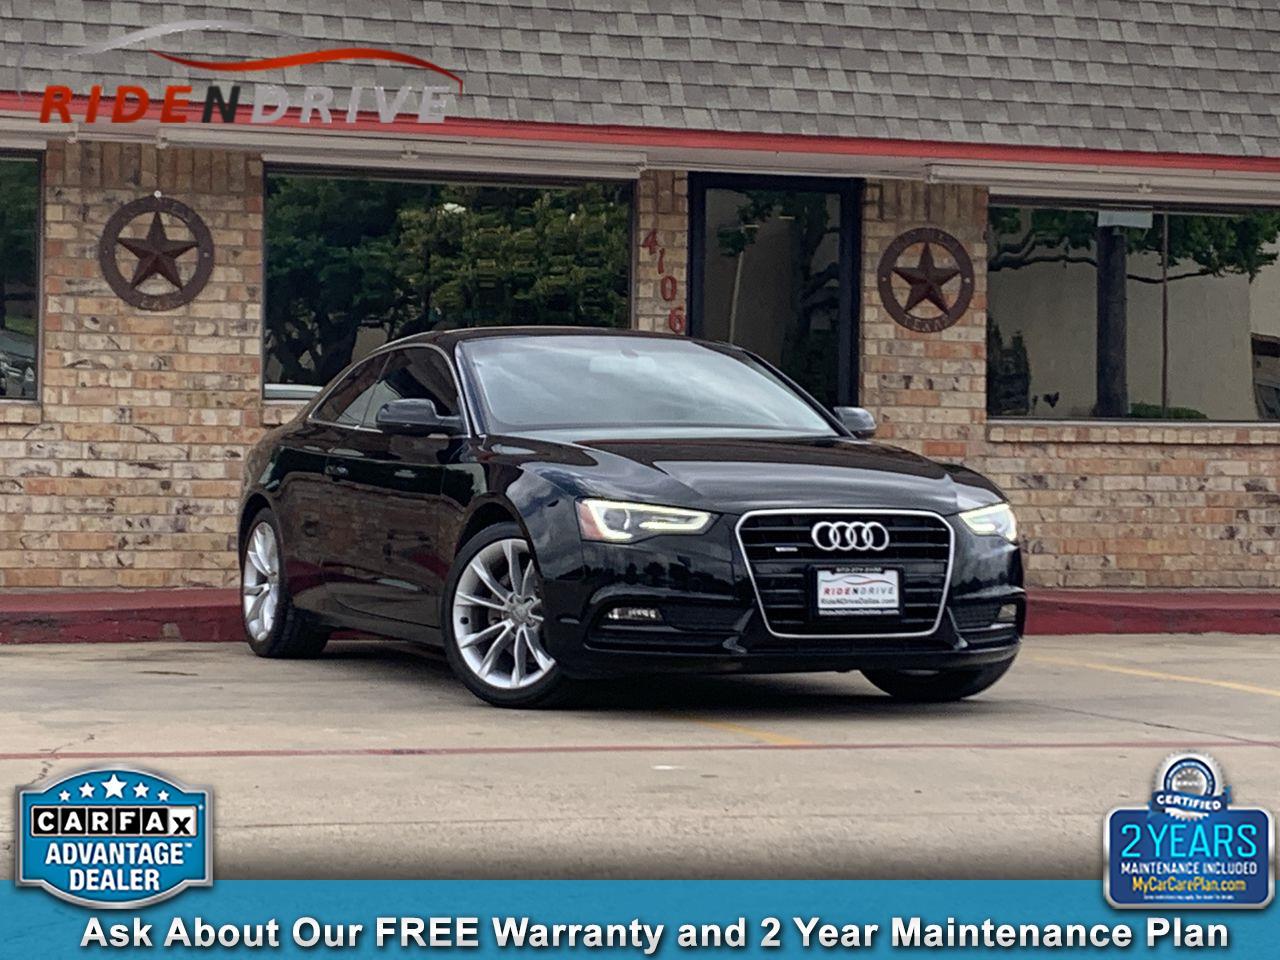 2014 Audi A5 2dr Cpe Auto quattro 2.0T Premium Plus